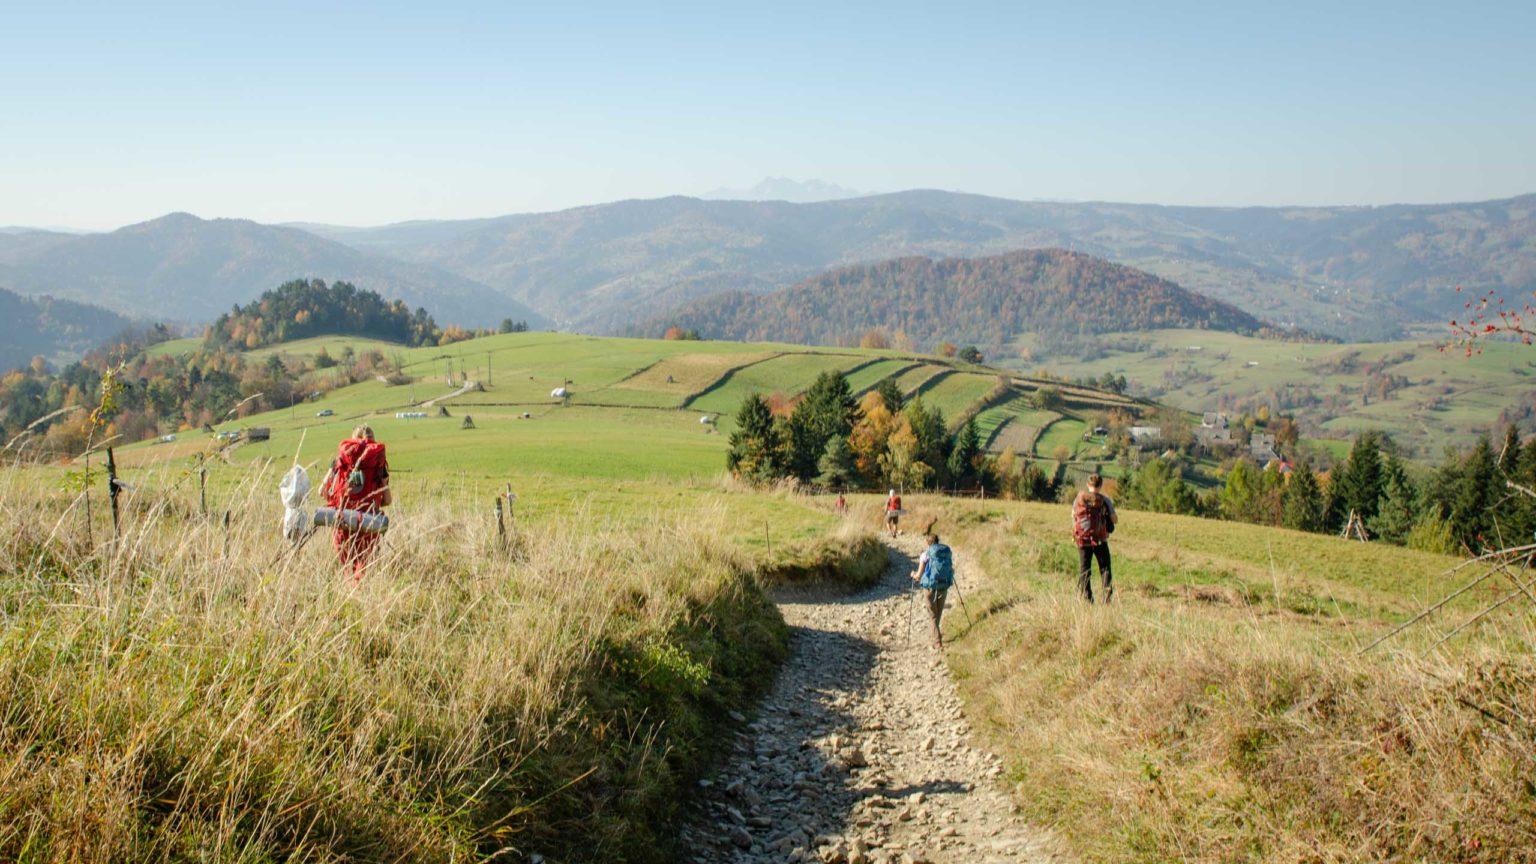 Grupa osób idzie polaną w górach